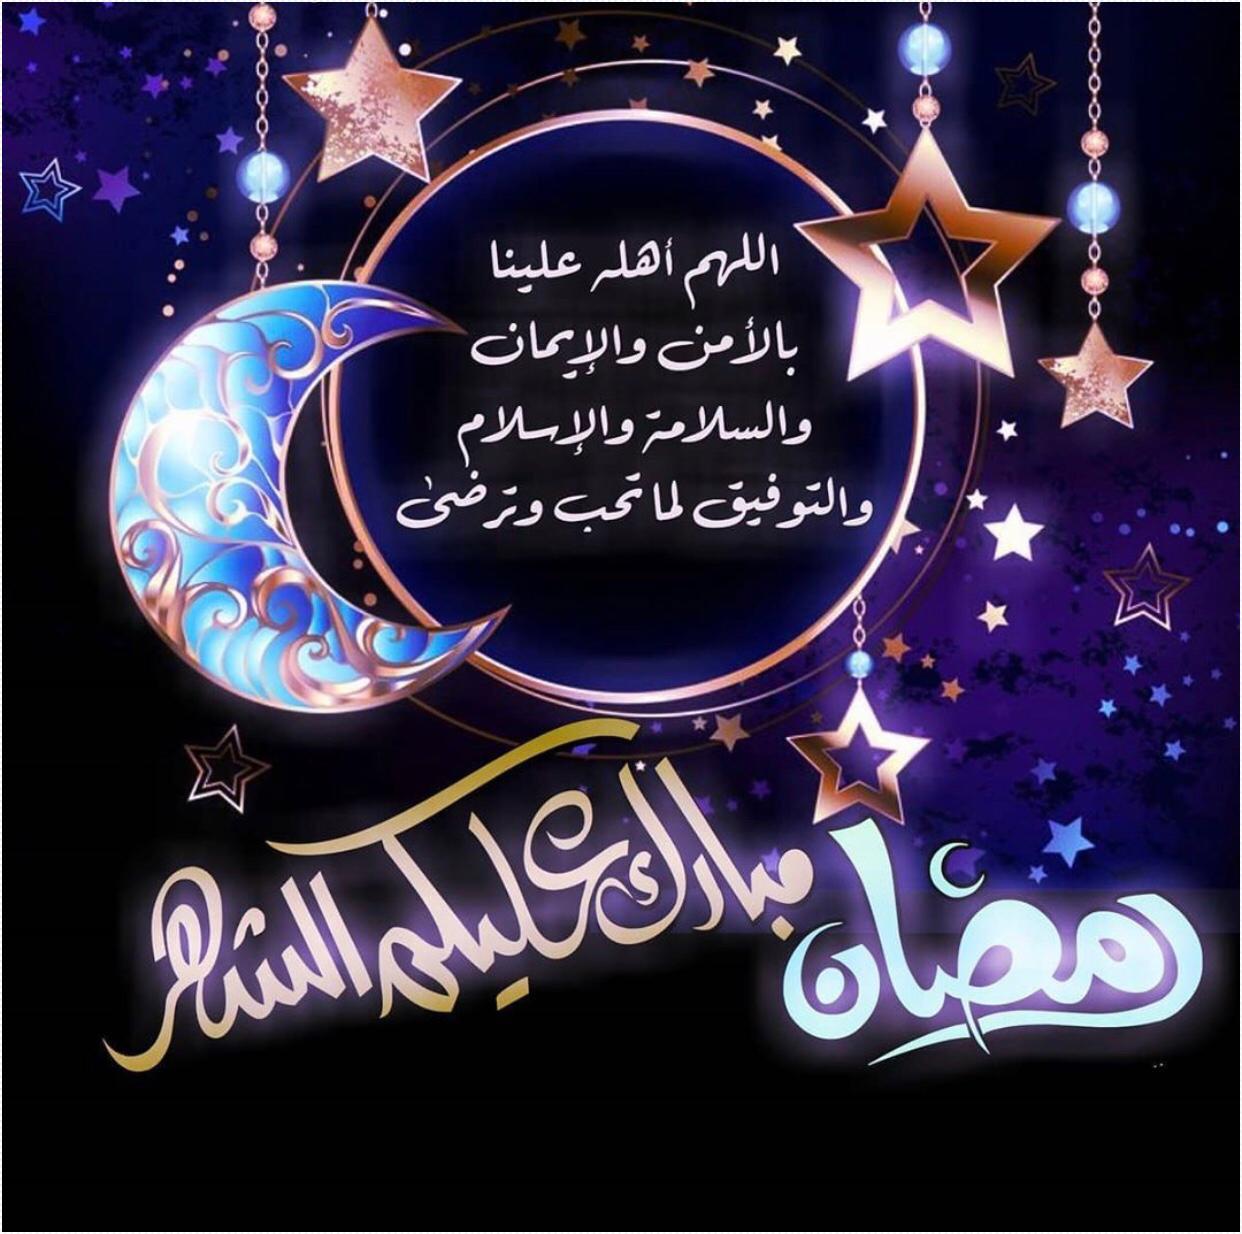 دعاء دخول رمضان مكتوب اللهم اهله علينا بالامن والإيمان 2020